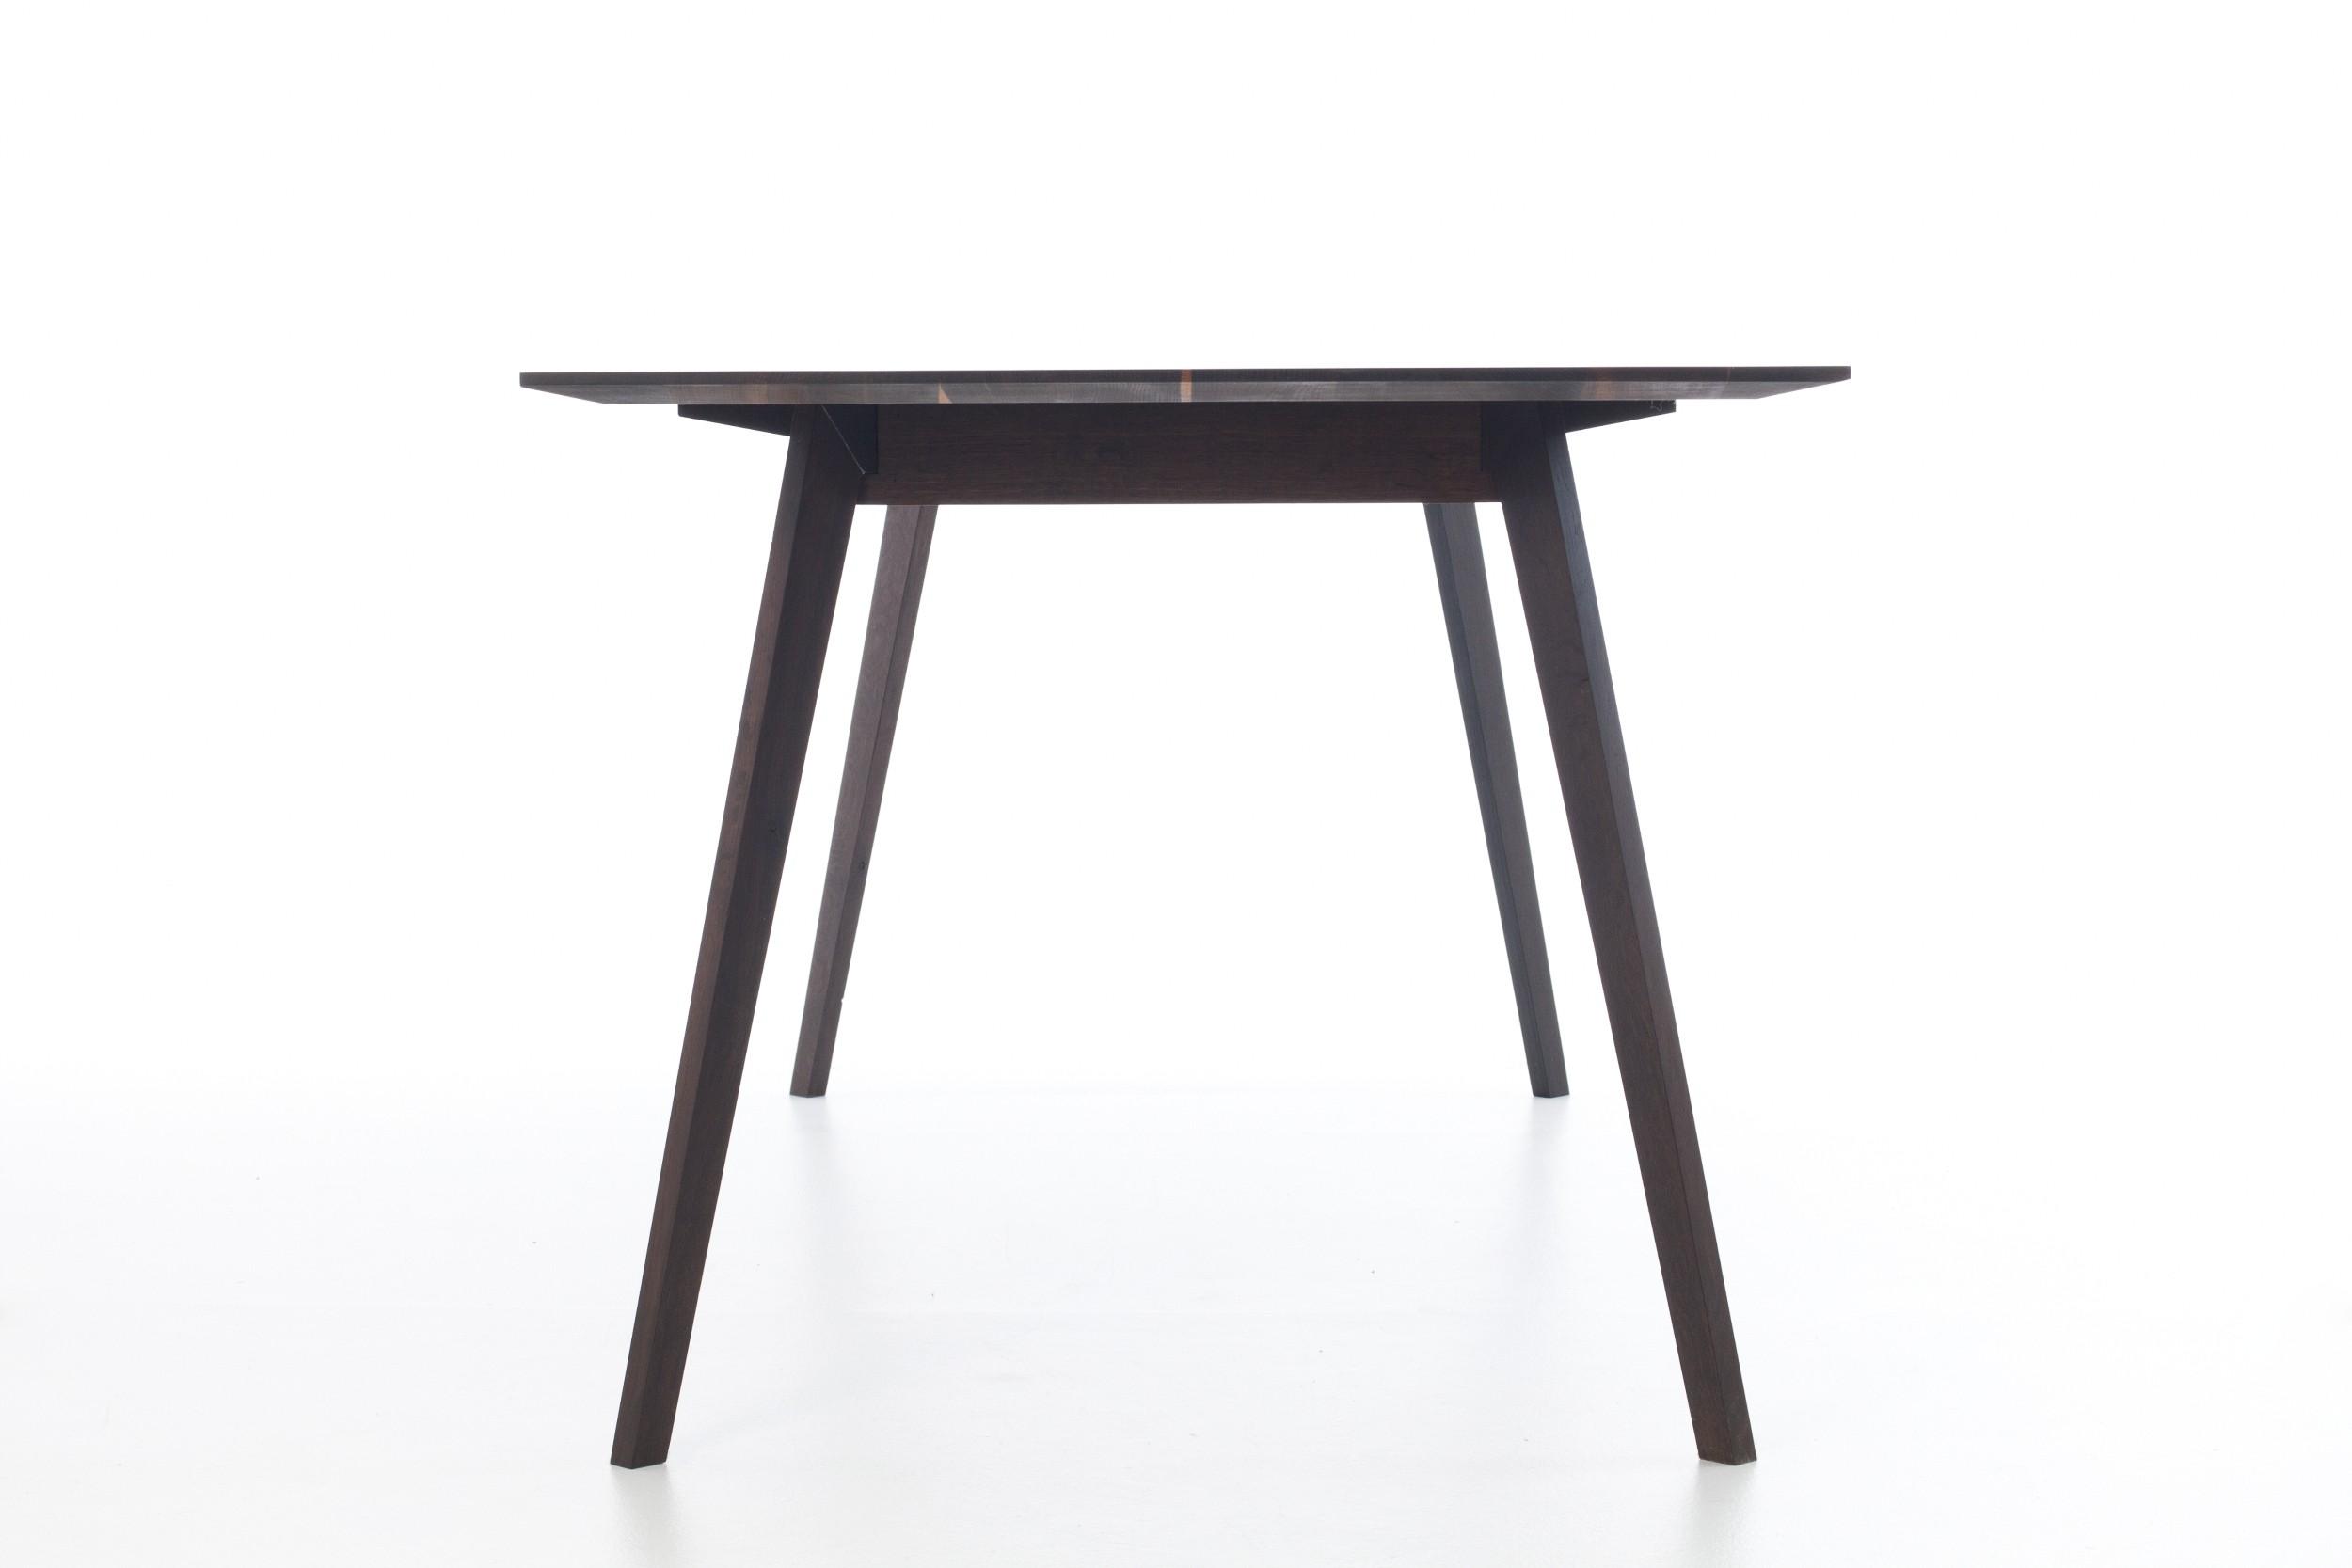 mein eichentisch tisch light eiche schwarz ger uchert. Black Bedroom Furniture Sets. Home Design Ideas